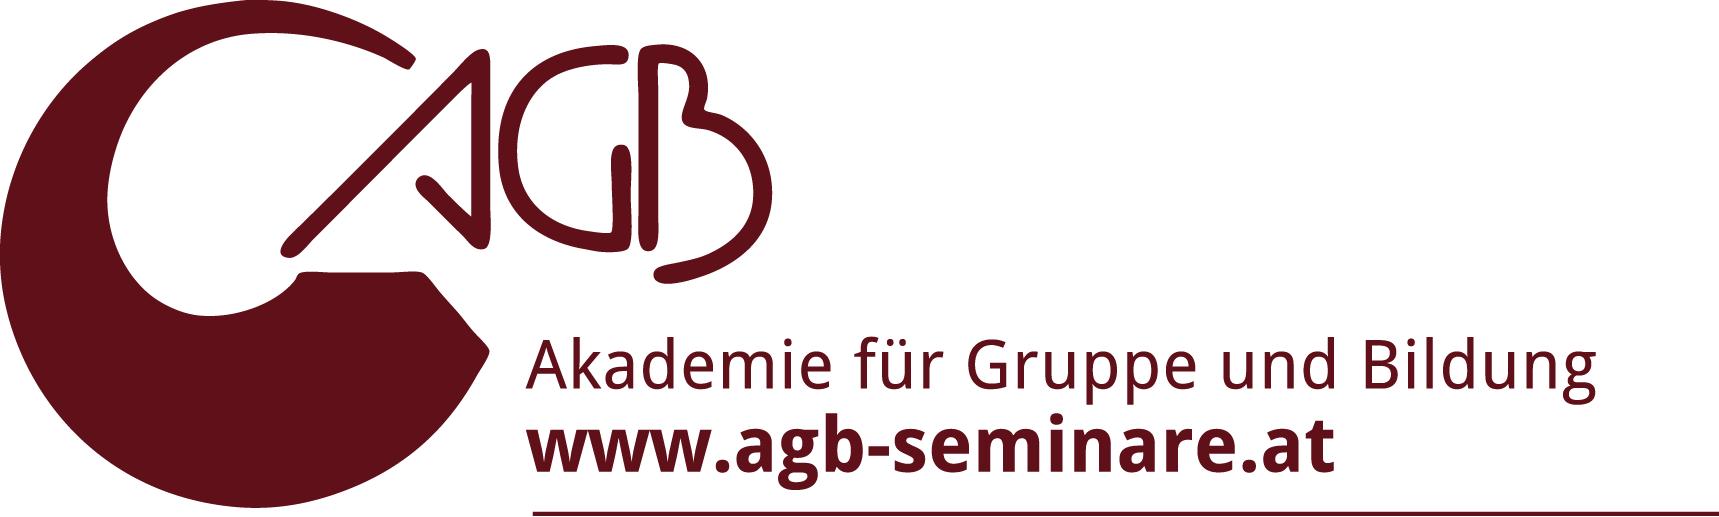 Logo AGB-Akademie für Gruppe und Bildung